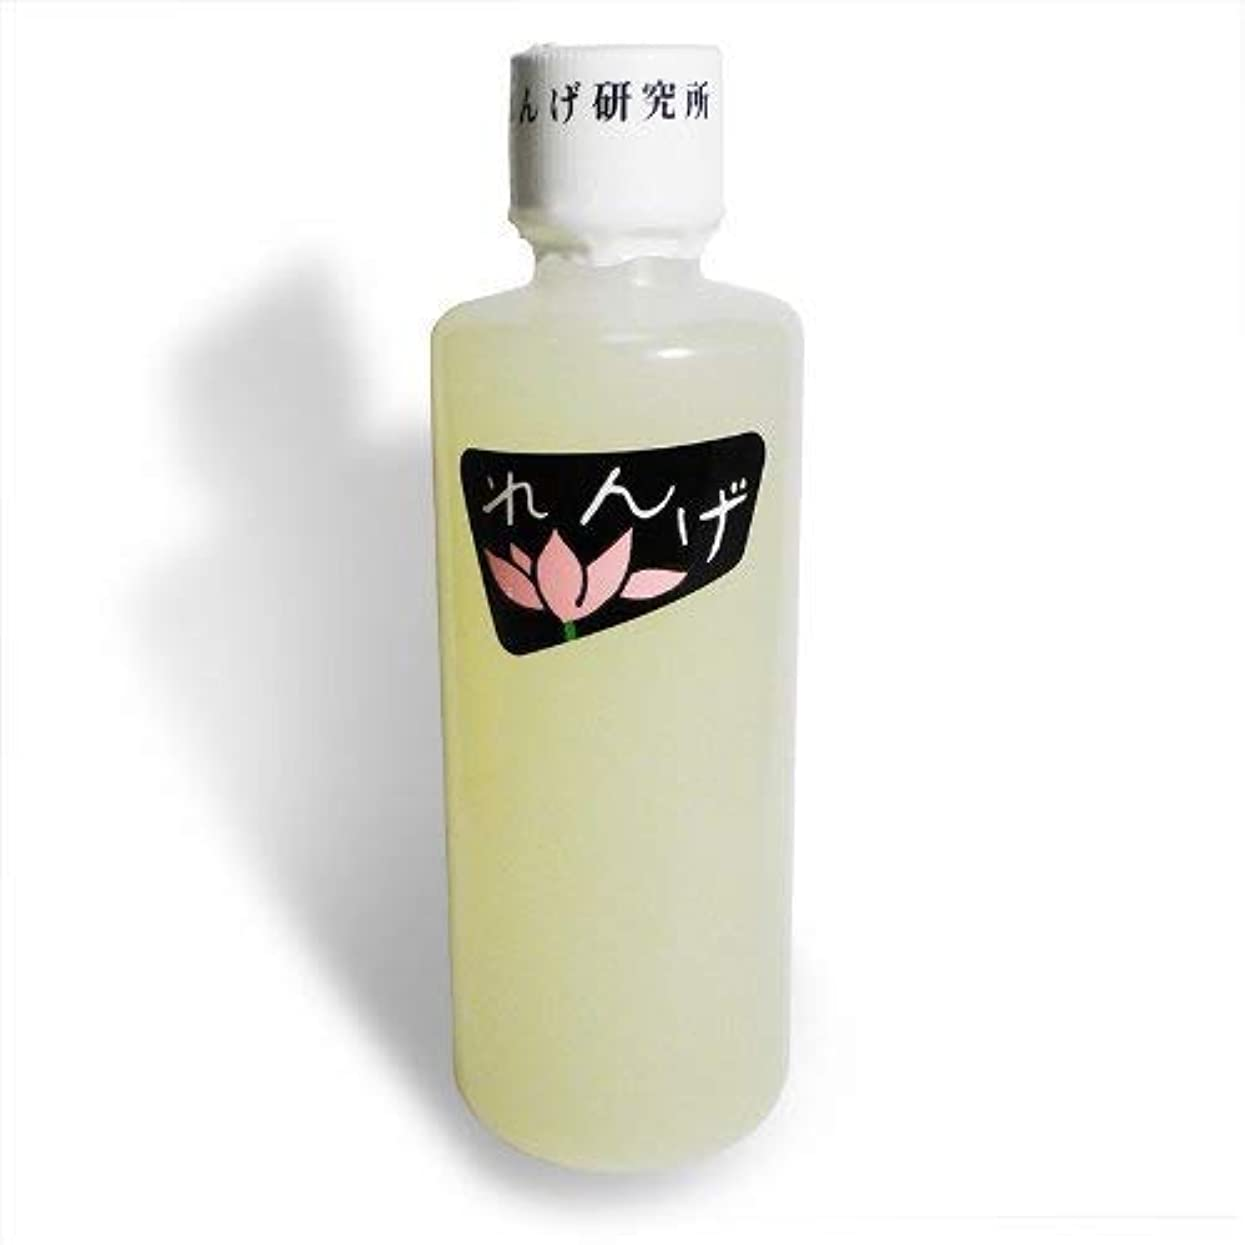 クラフトペッカディロ残基れんげ研究所 れんげ化粧水 140cc